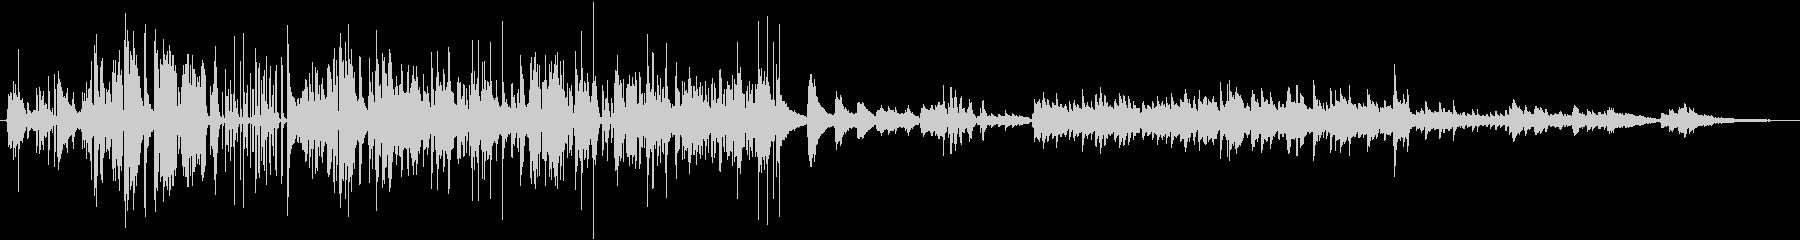 世界 スパニッシュギター Voic...の未再生の波形